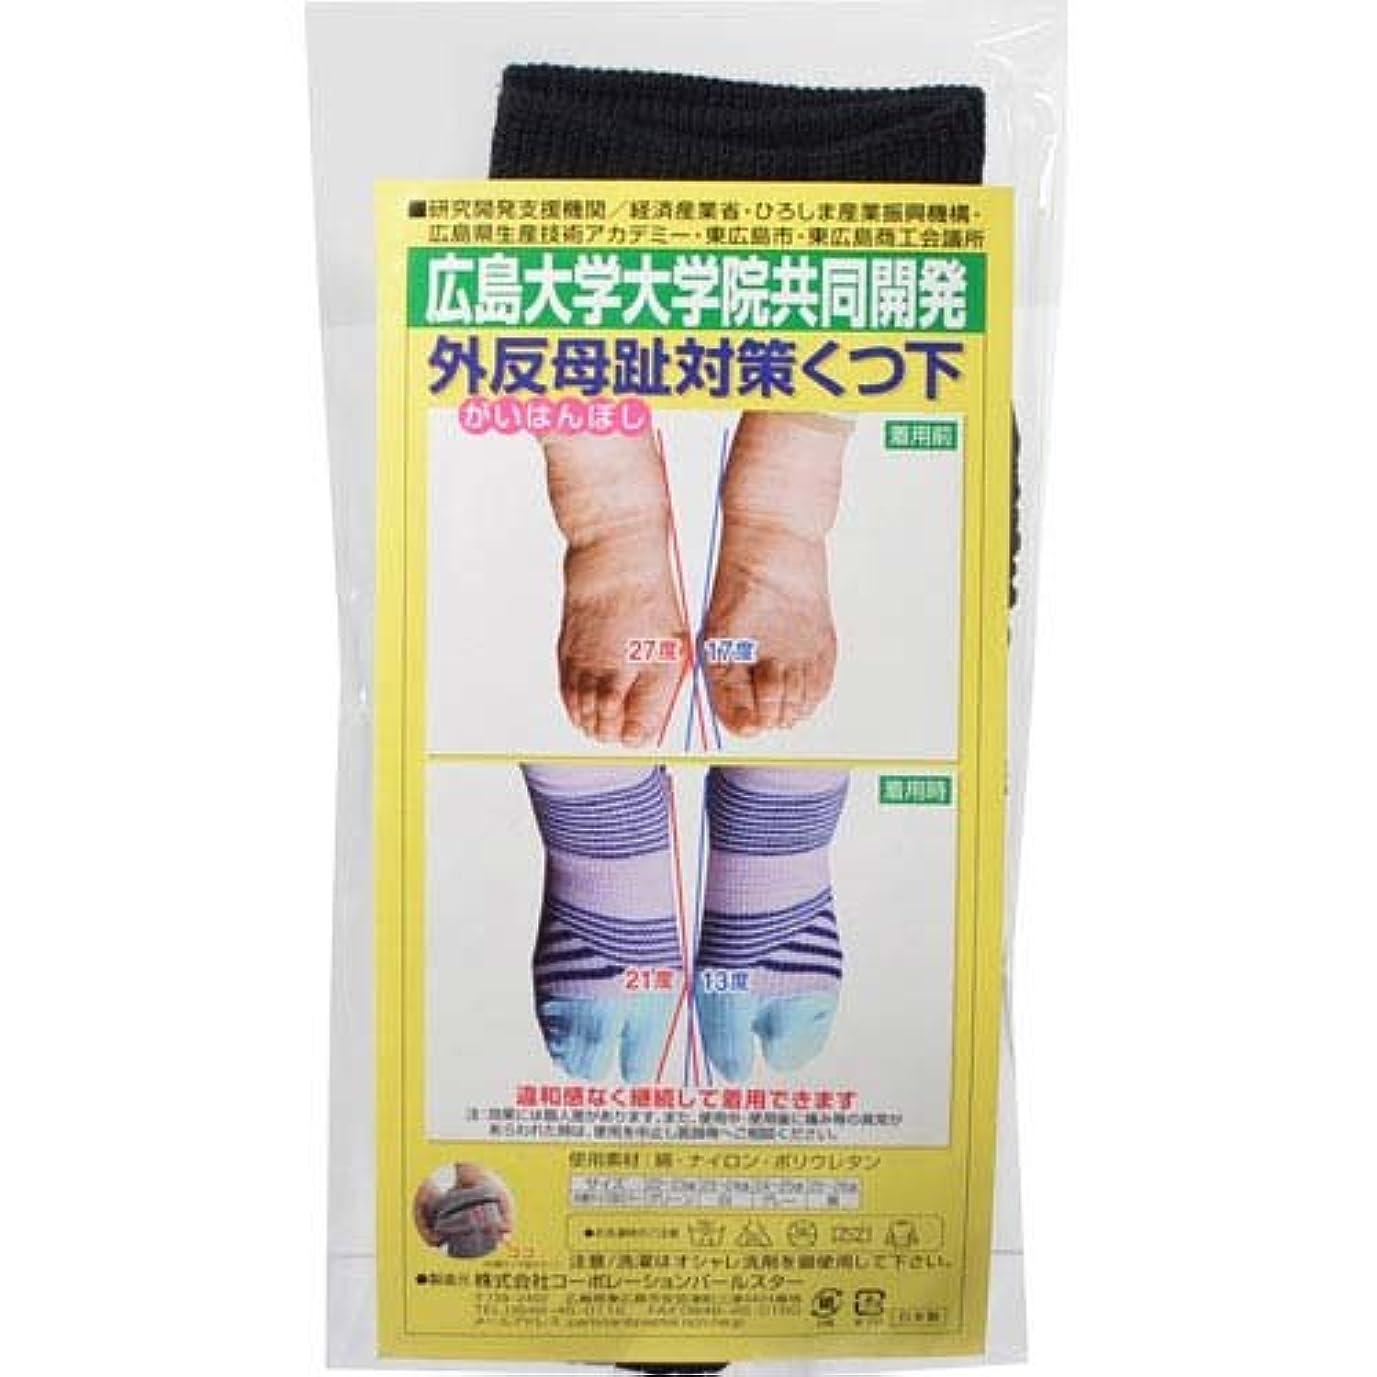 蘭華 外反母趾対策靴下 黒 24-25cm